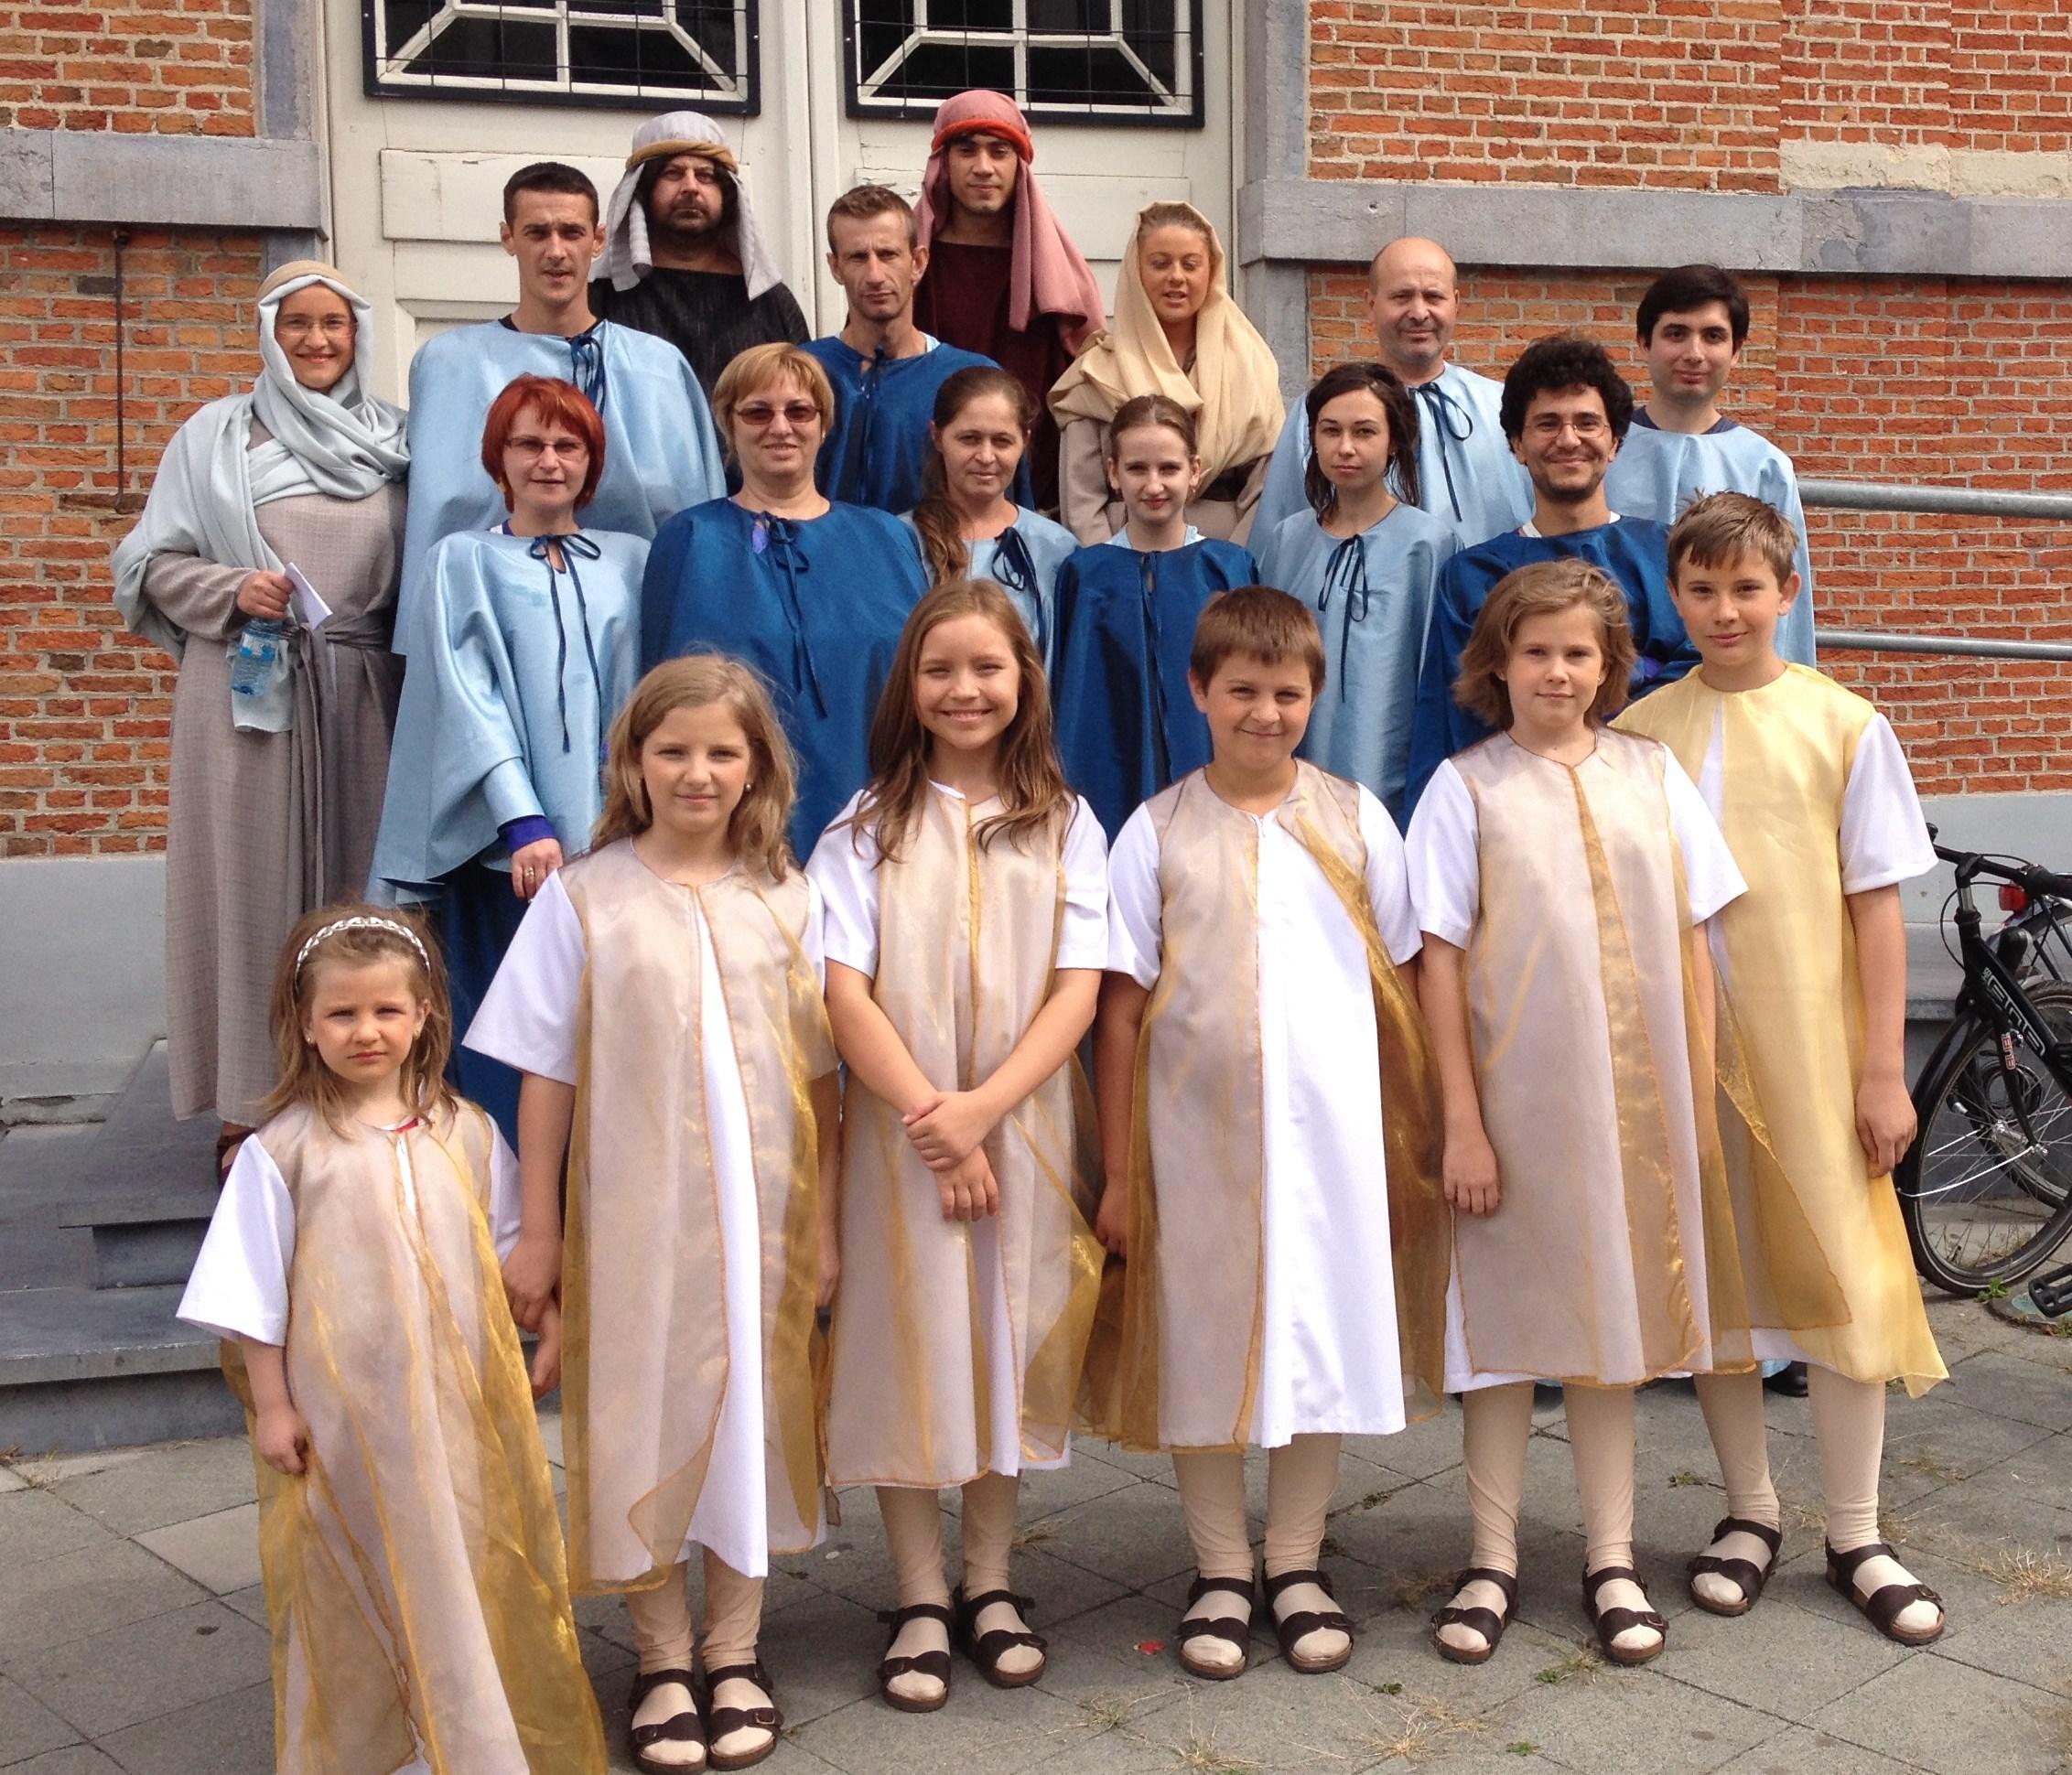 Comunitatea românilor greco-catolici din Bruxelles, la sărbătoarea jubiliară a procesiunii din Hanswijk